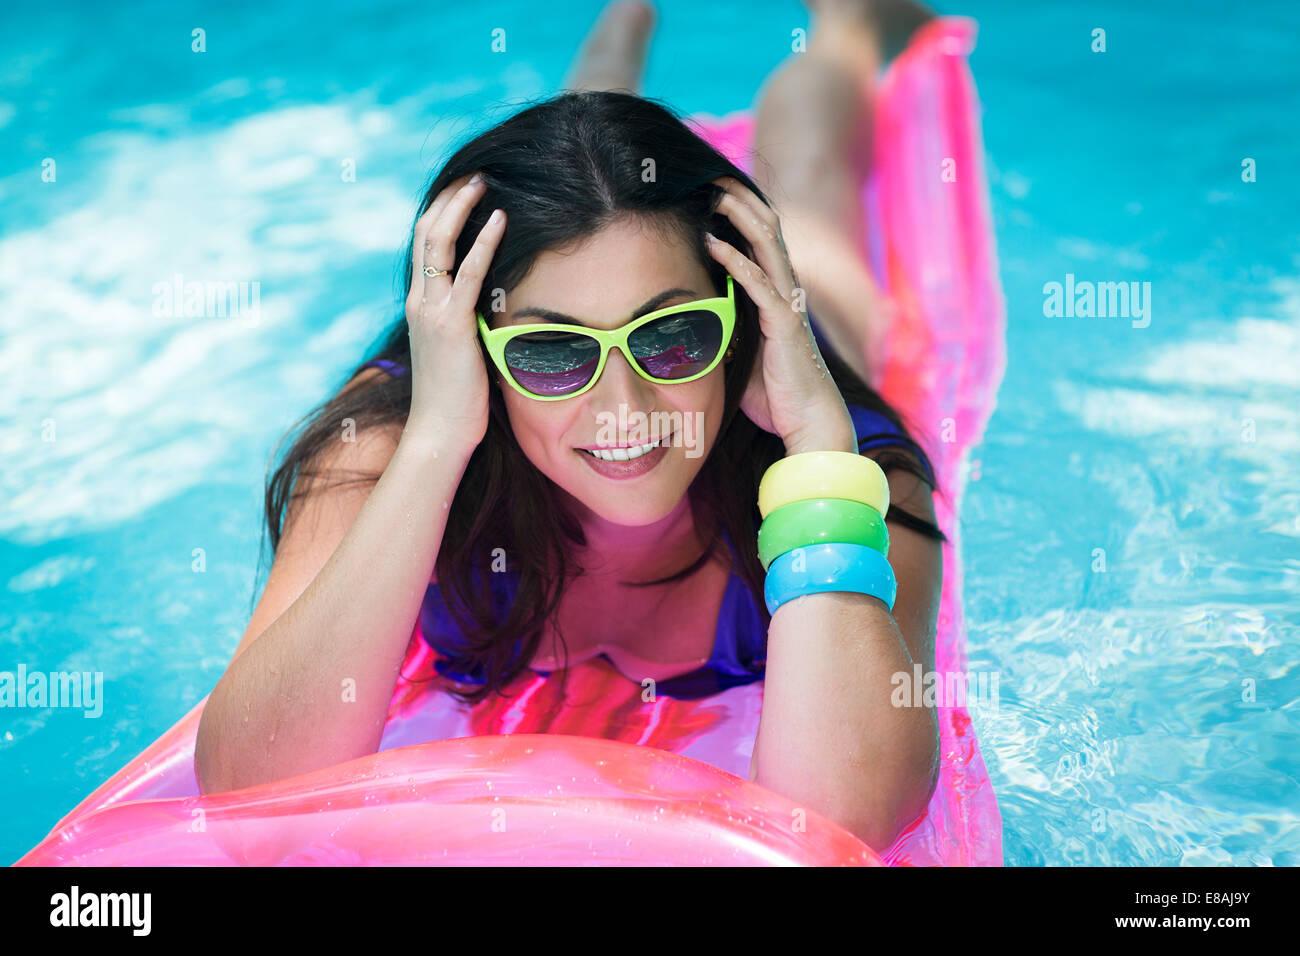 Ritratto di giovane donna a prendere il sole sul letto di aria in piscina Immagini Stock